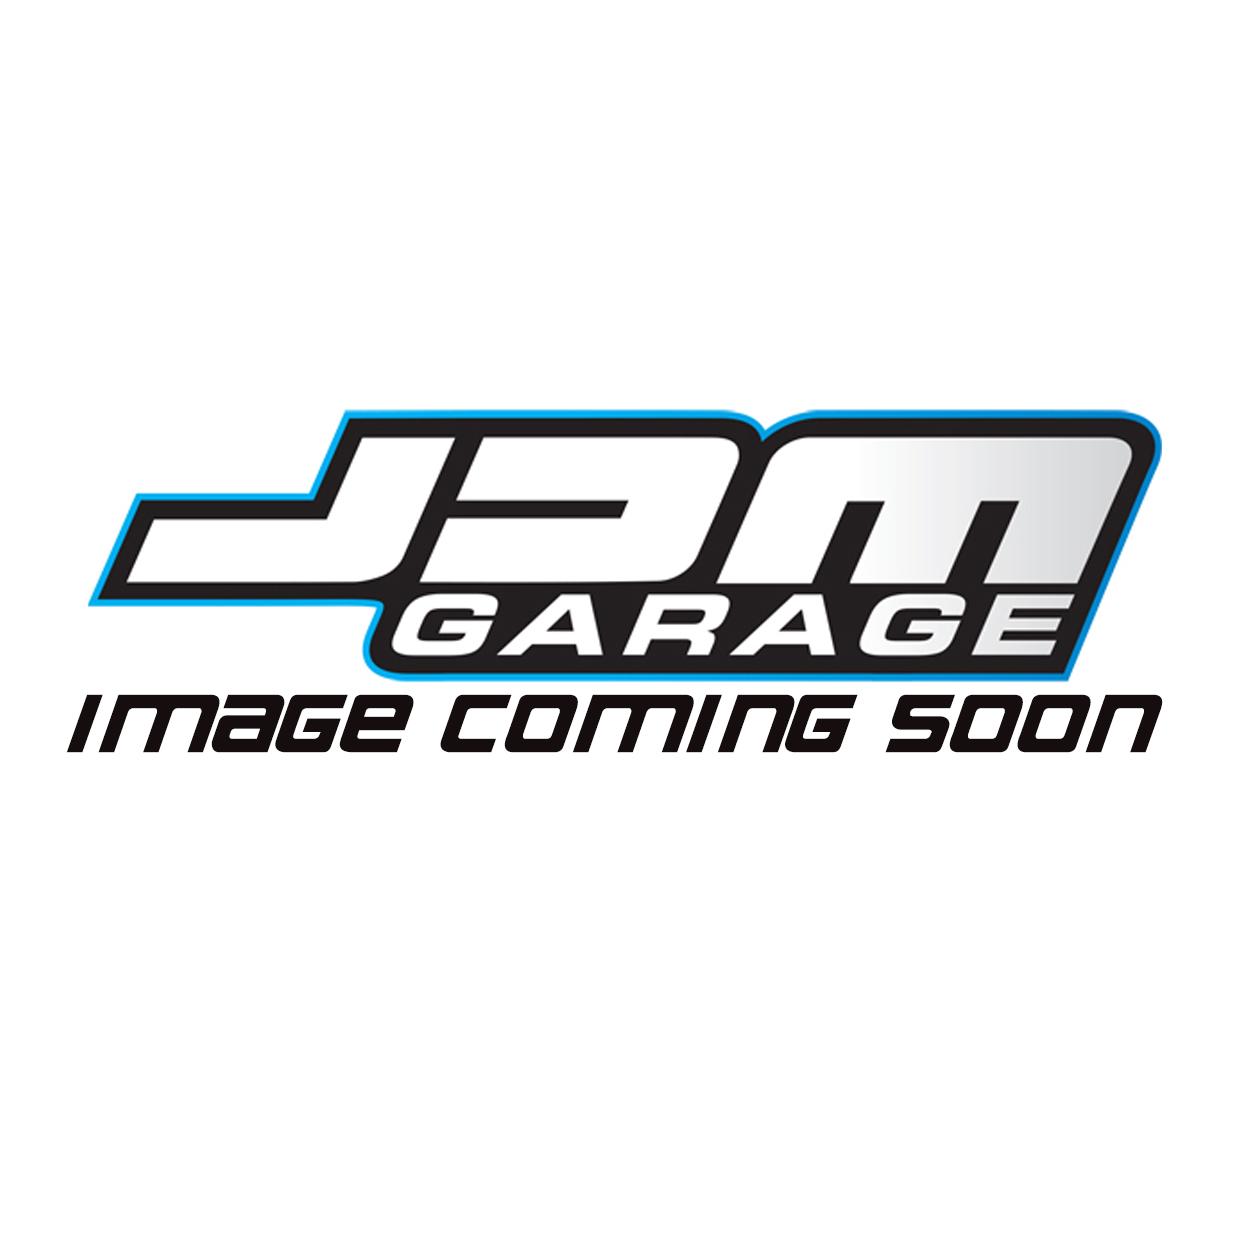 JDMGarageUK Rocker Cover Rubber Washers R32 R33 R34 GTST GTT GTR / Stagea WC34 / Laurel C34 C35 RB20DET / RB25DET / NEO / RB26DETT